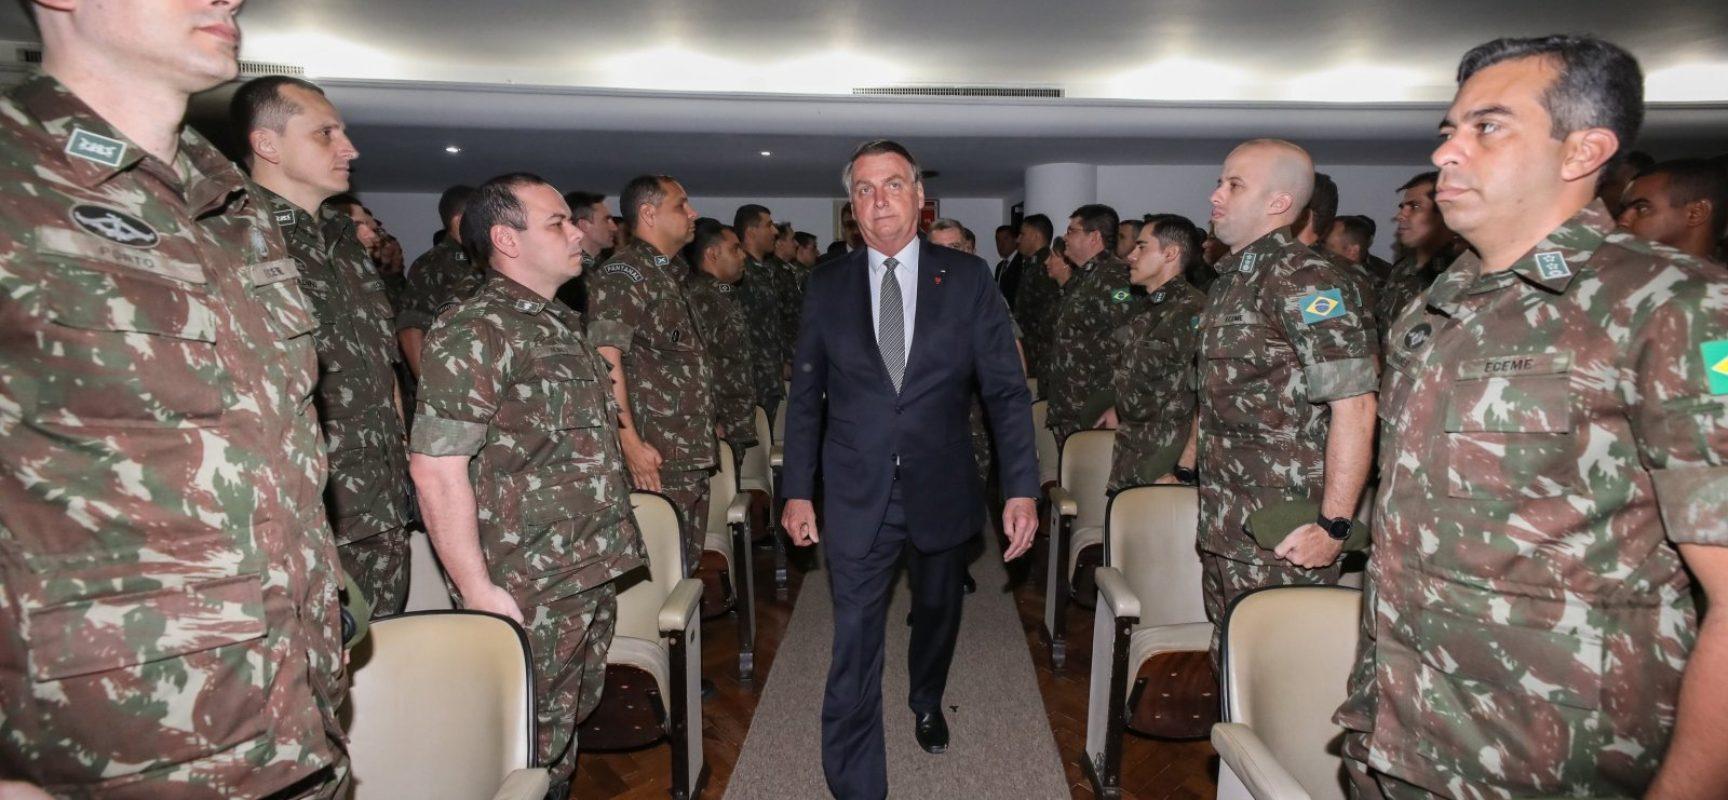 Comandantes das Forças Armadas pedem demissão em protesto contra Bolsonaro